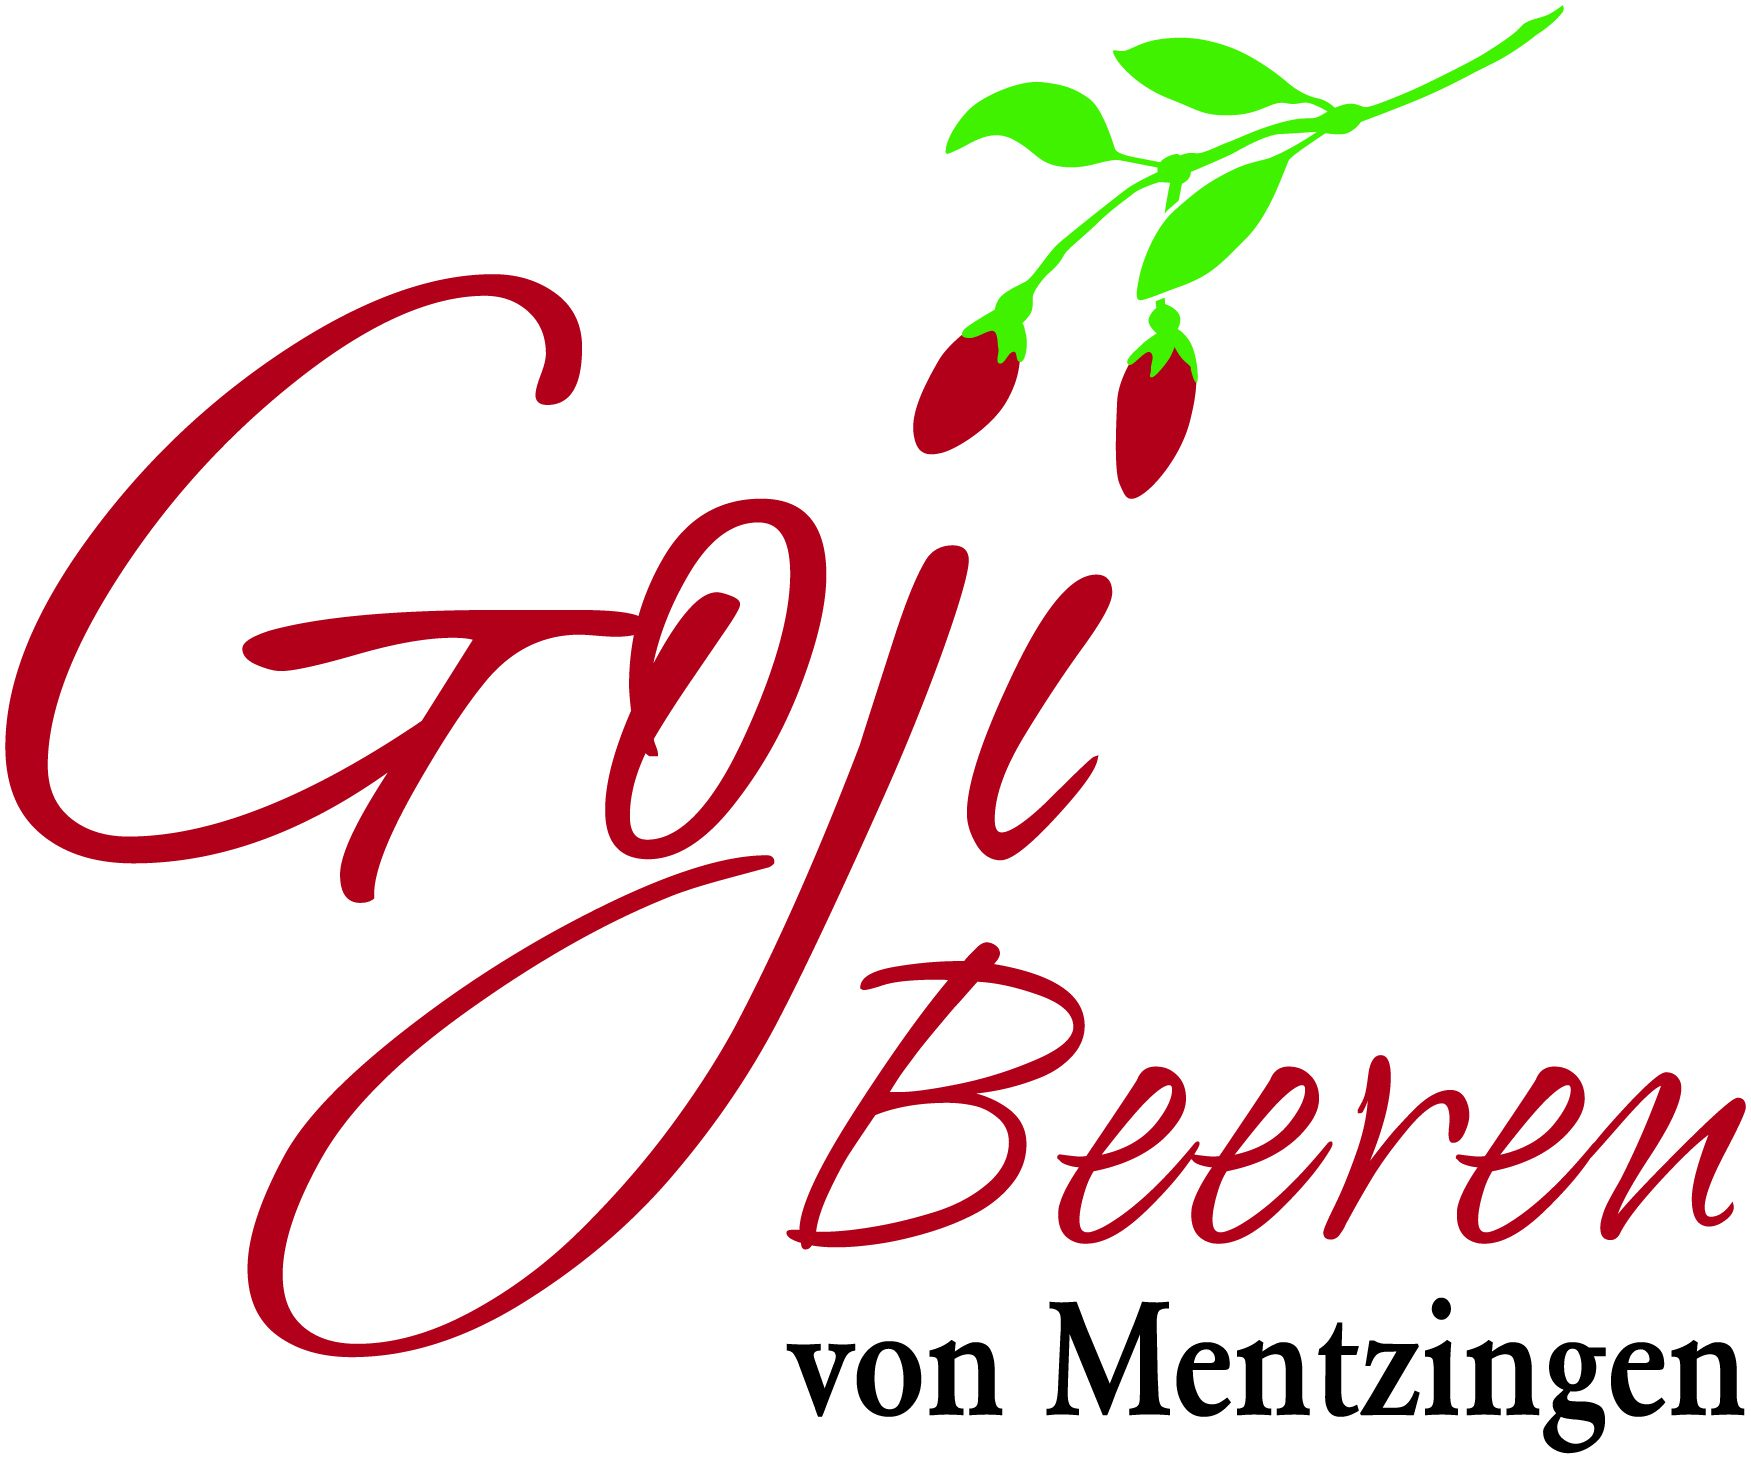 deutsche GojiBeeren